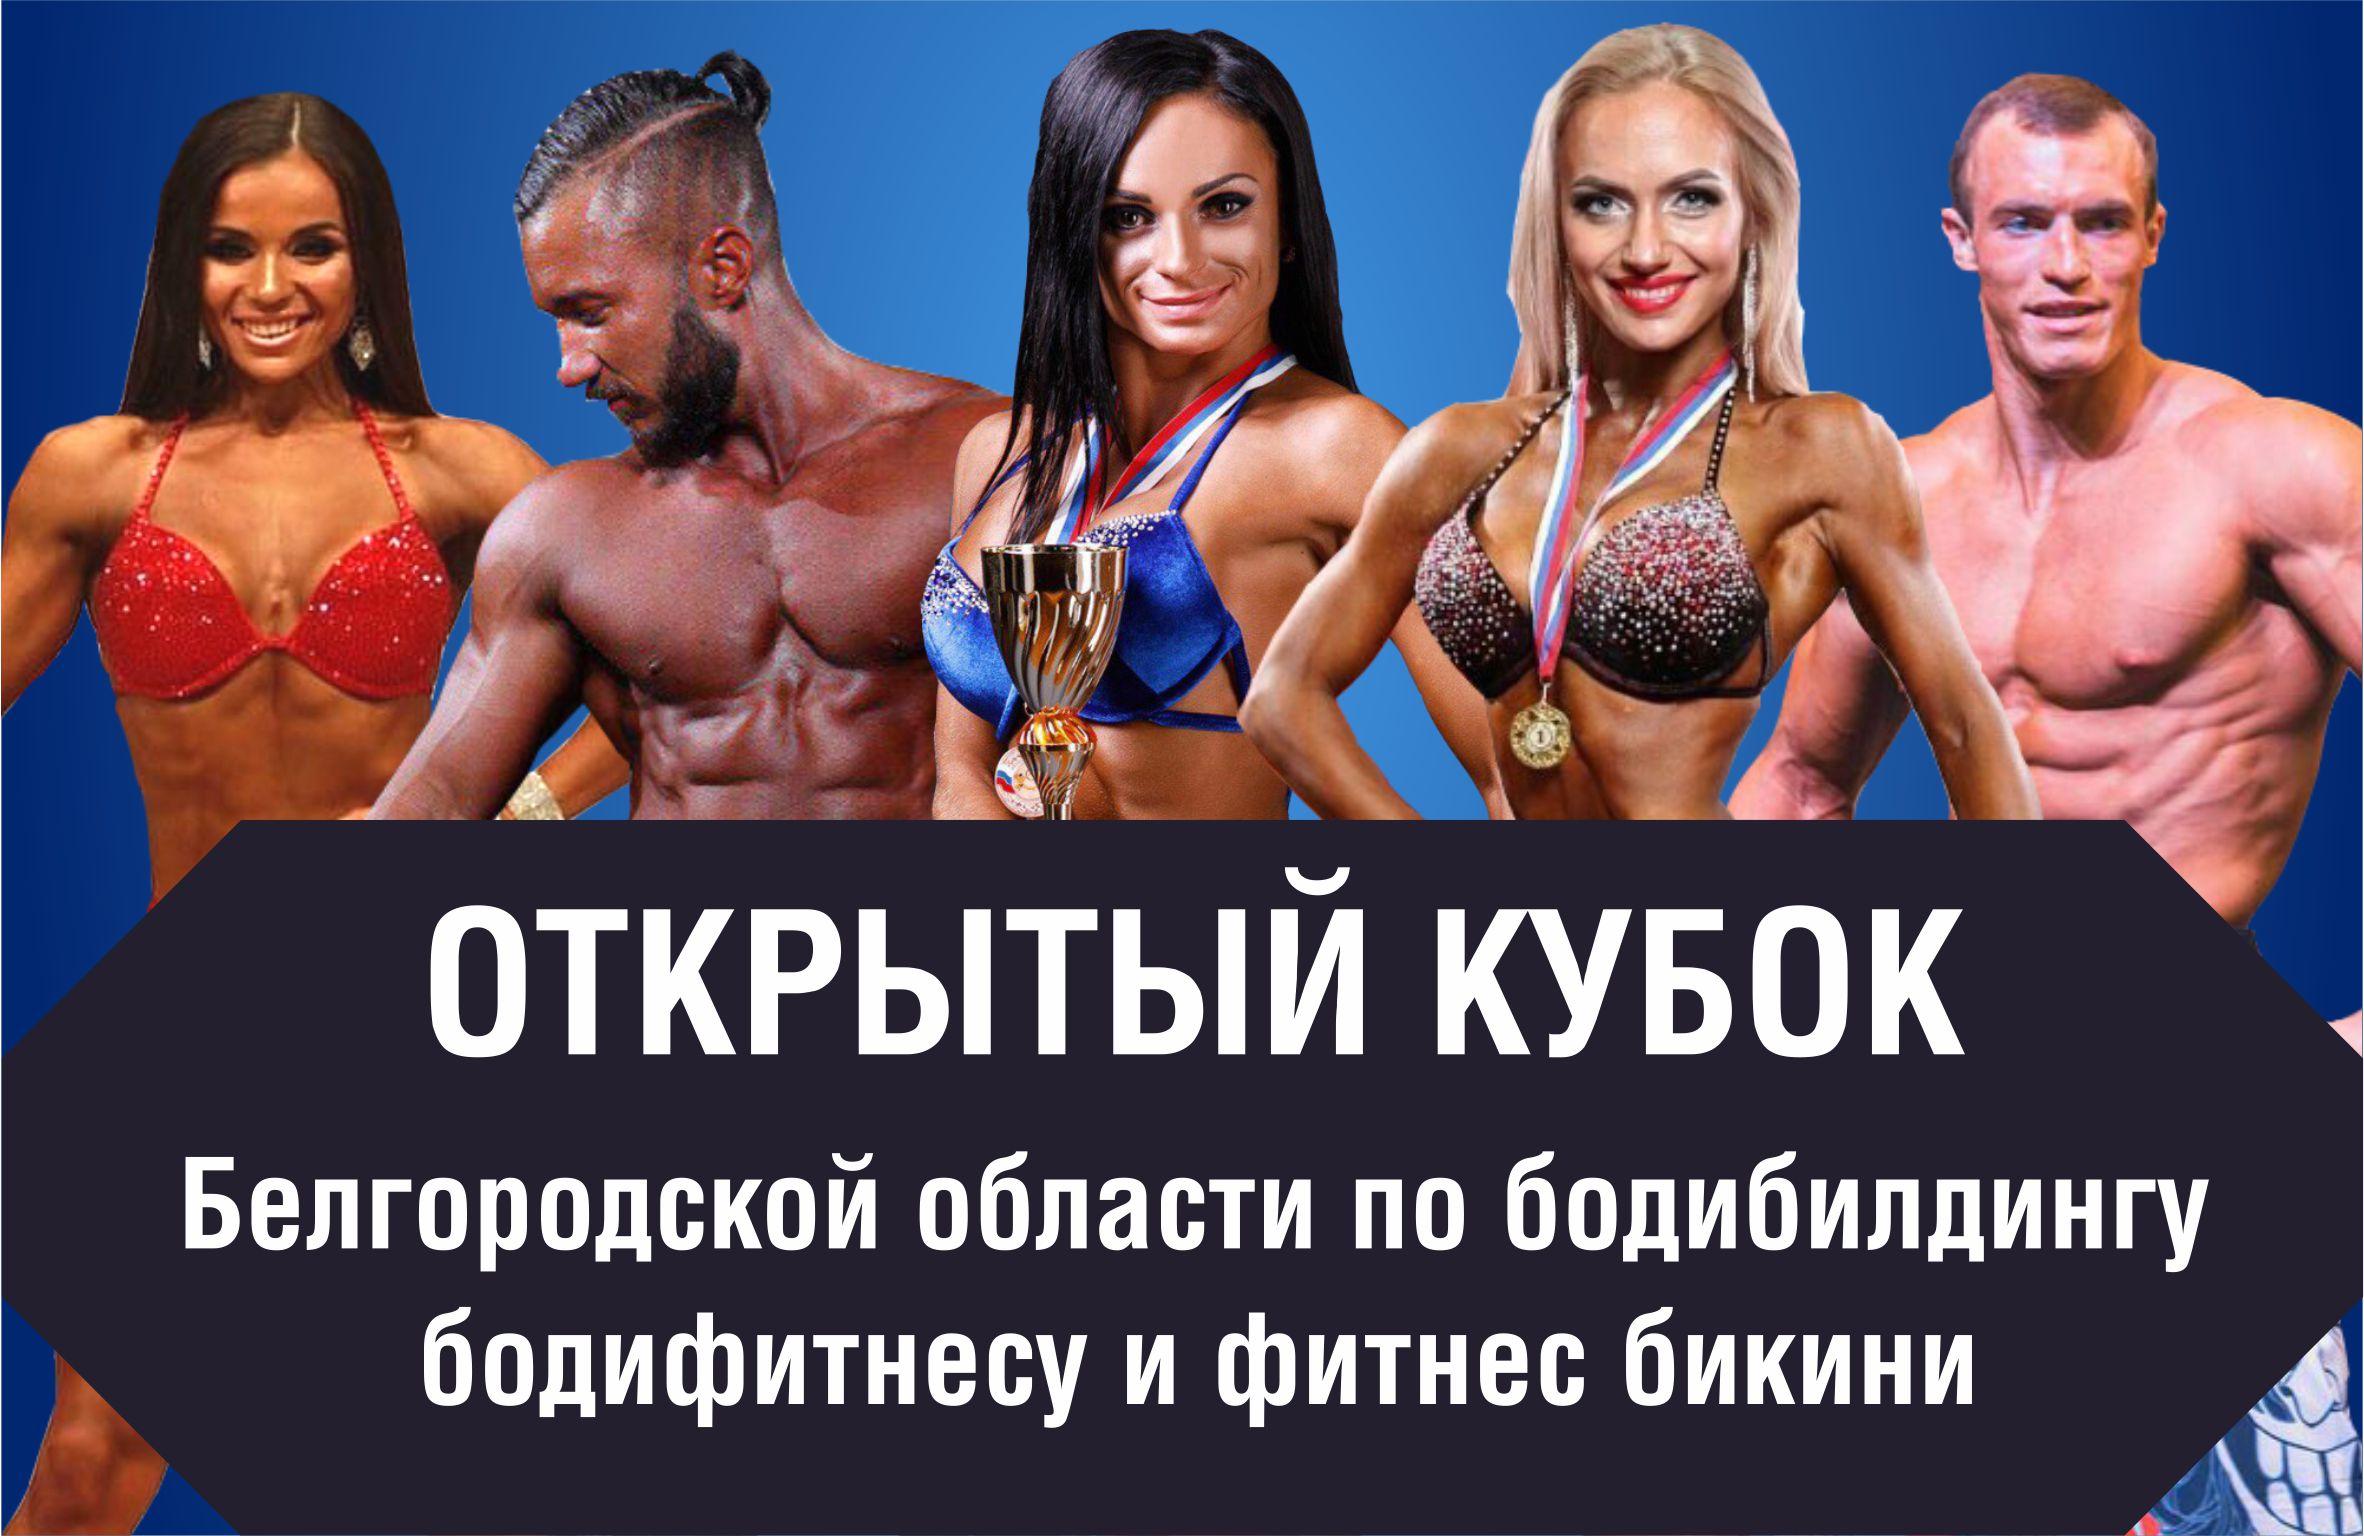 Кубок по бодибилдингу, бодифитнесу и фитнес бикини